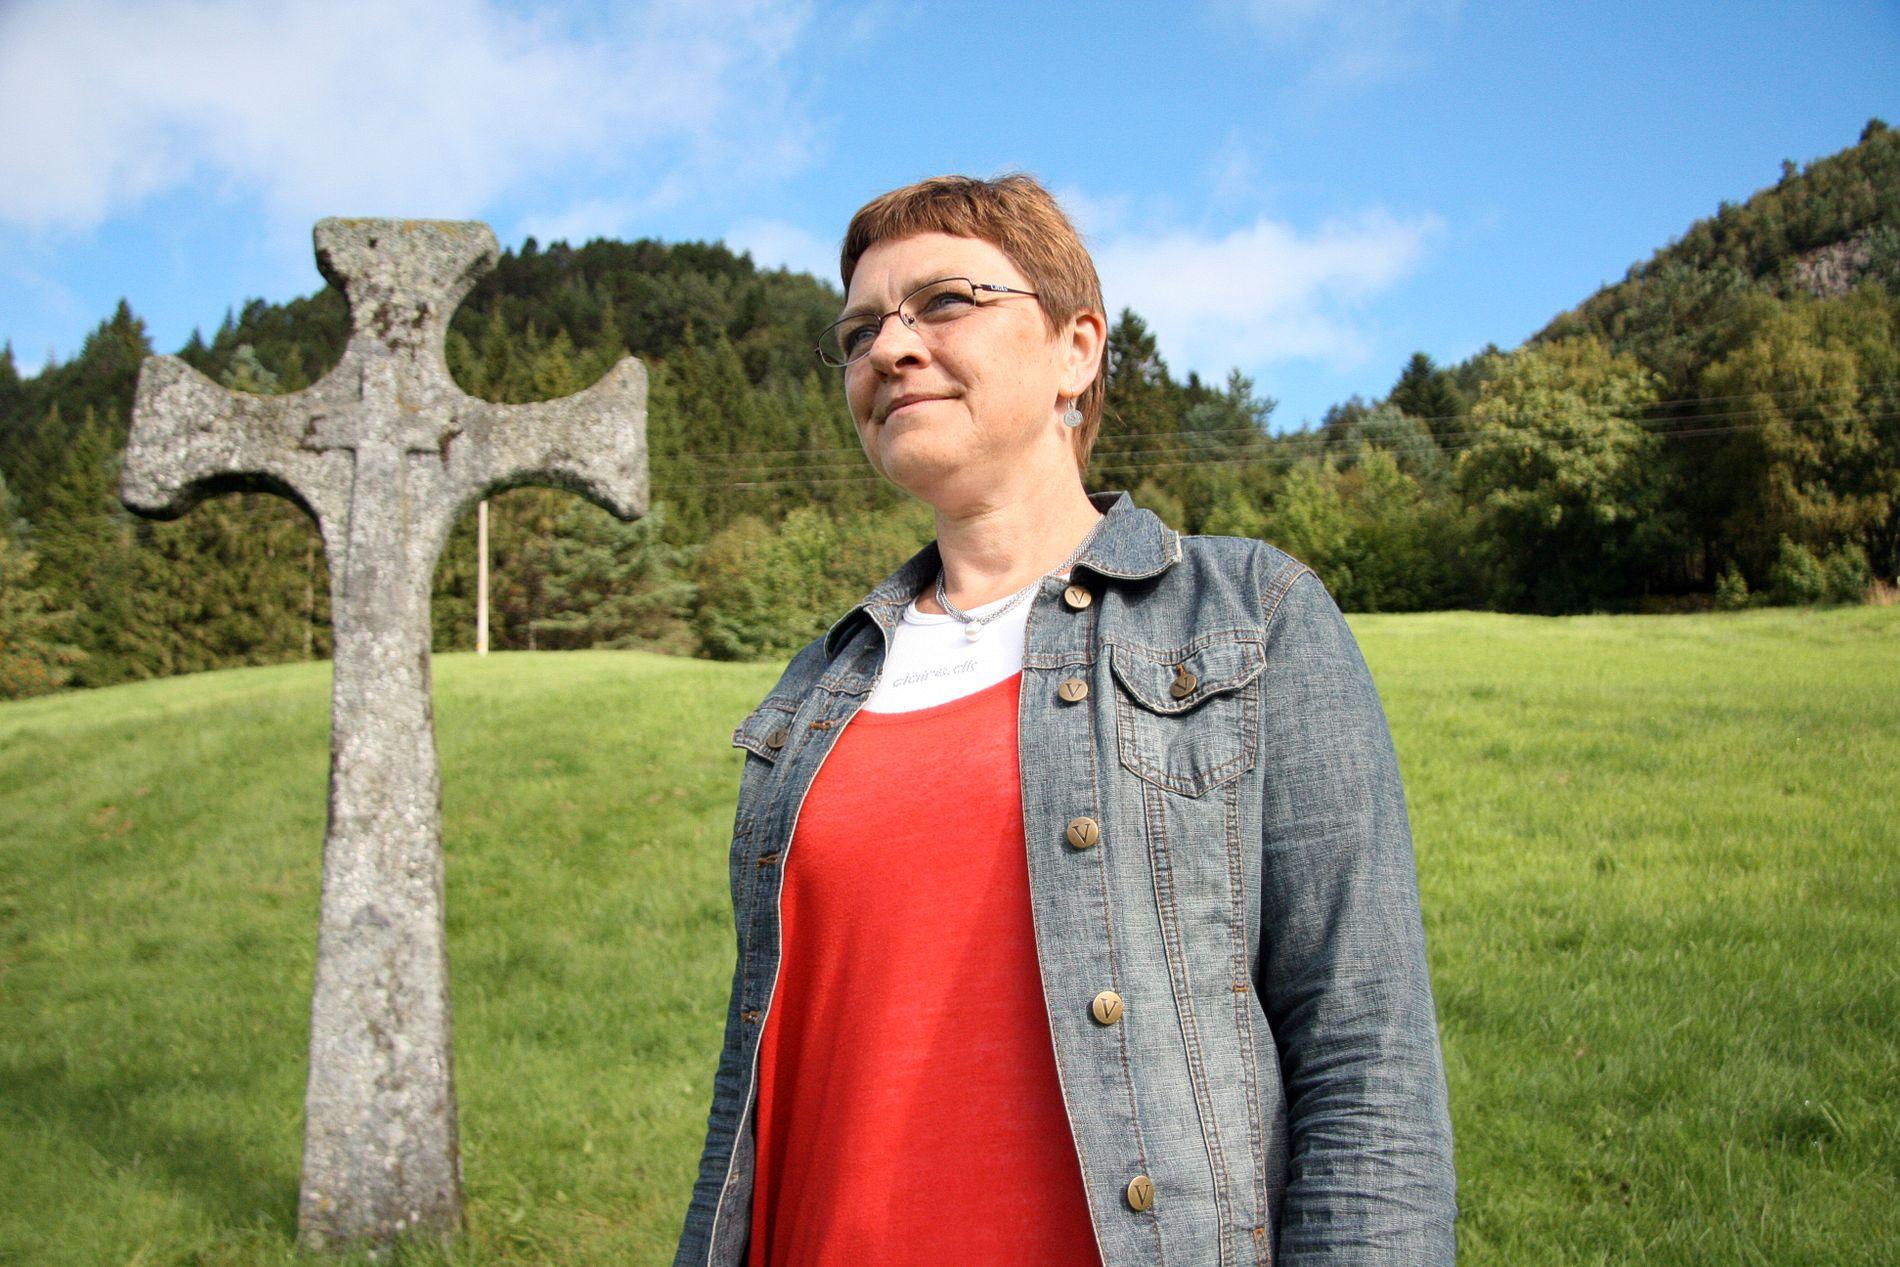 - TRAGIKOMISK: Kirkeverge Trude Brosvik er ikke helt sikker på hvem som eide det historiske steinkorset da det ble knust av et tre. Her avbildet sammen et annet steinkors. ARKIVFOTO: TOR KRISTIANSEN